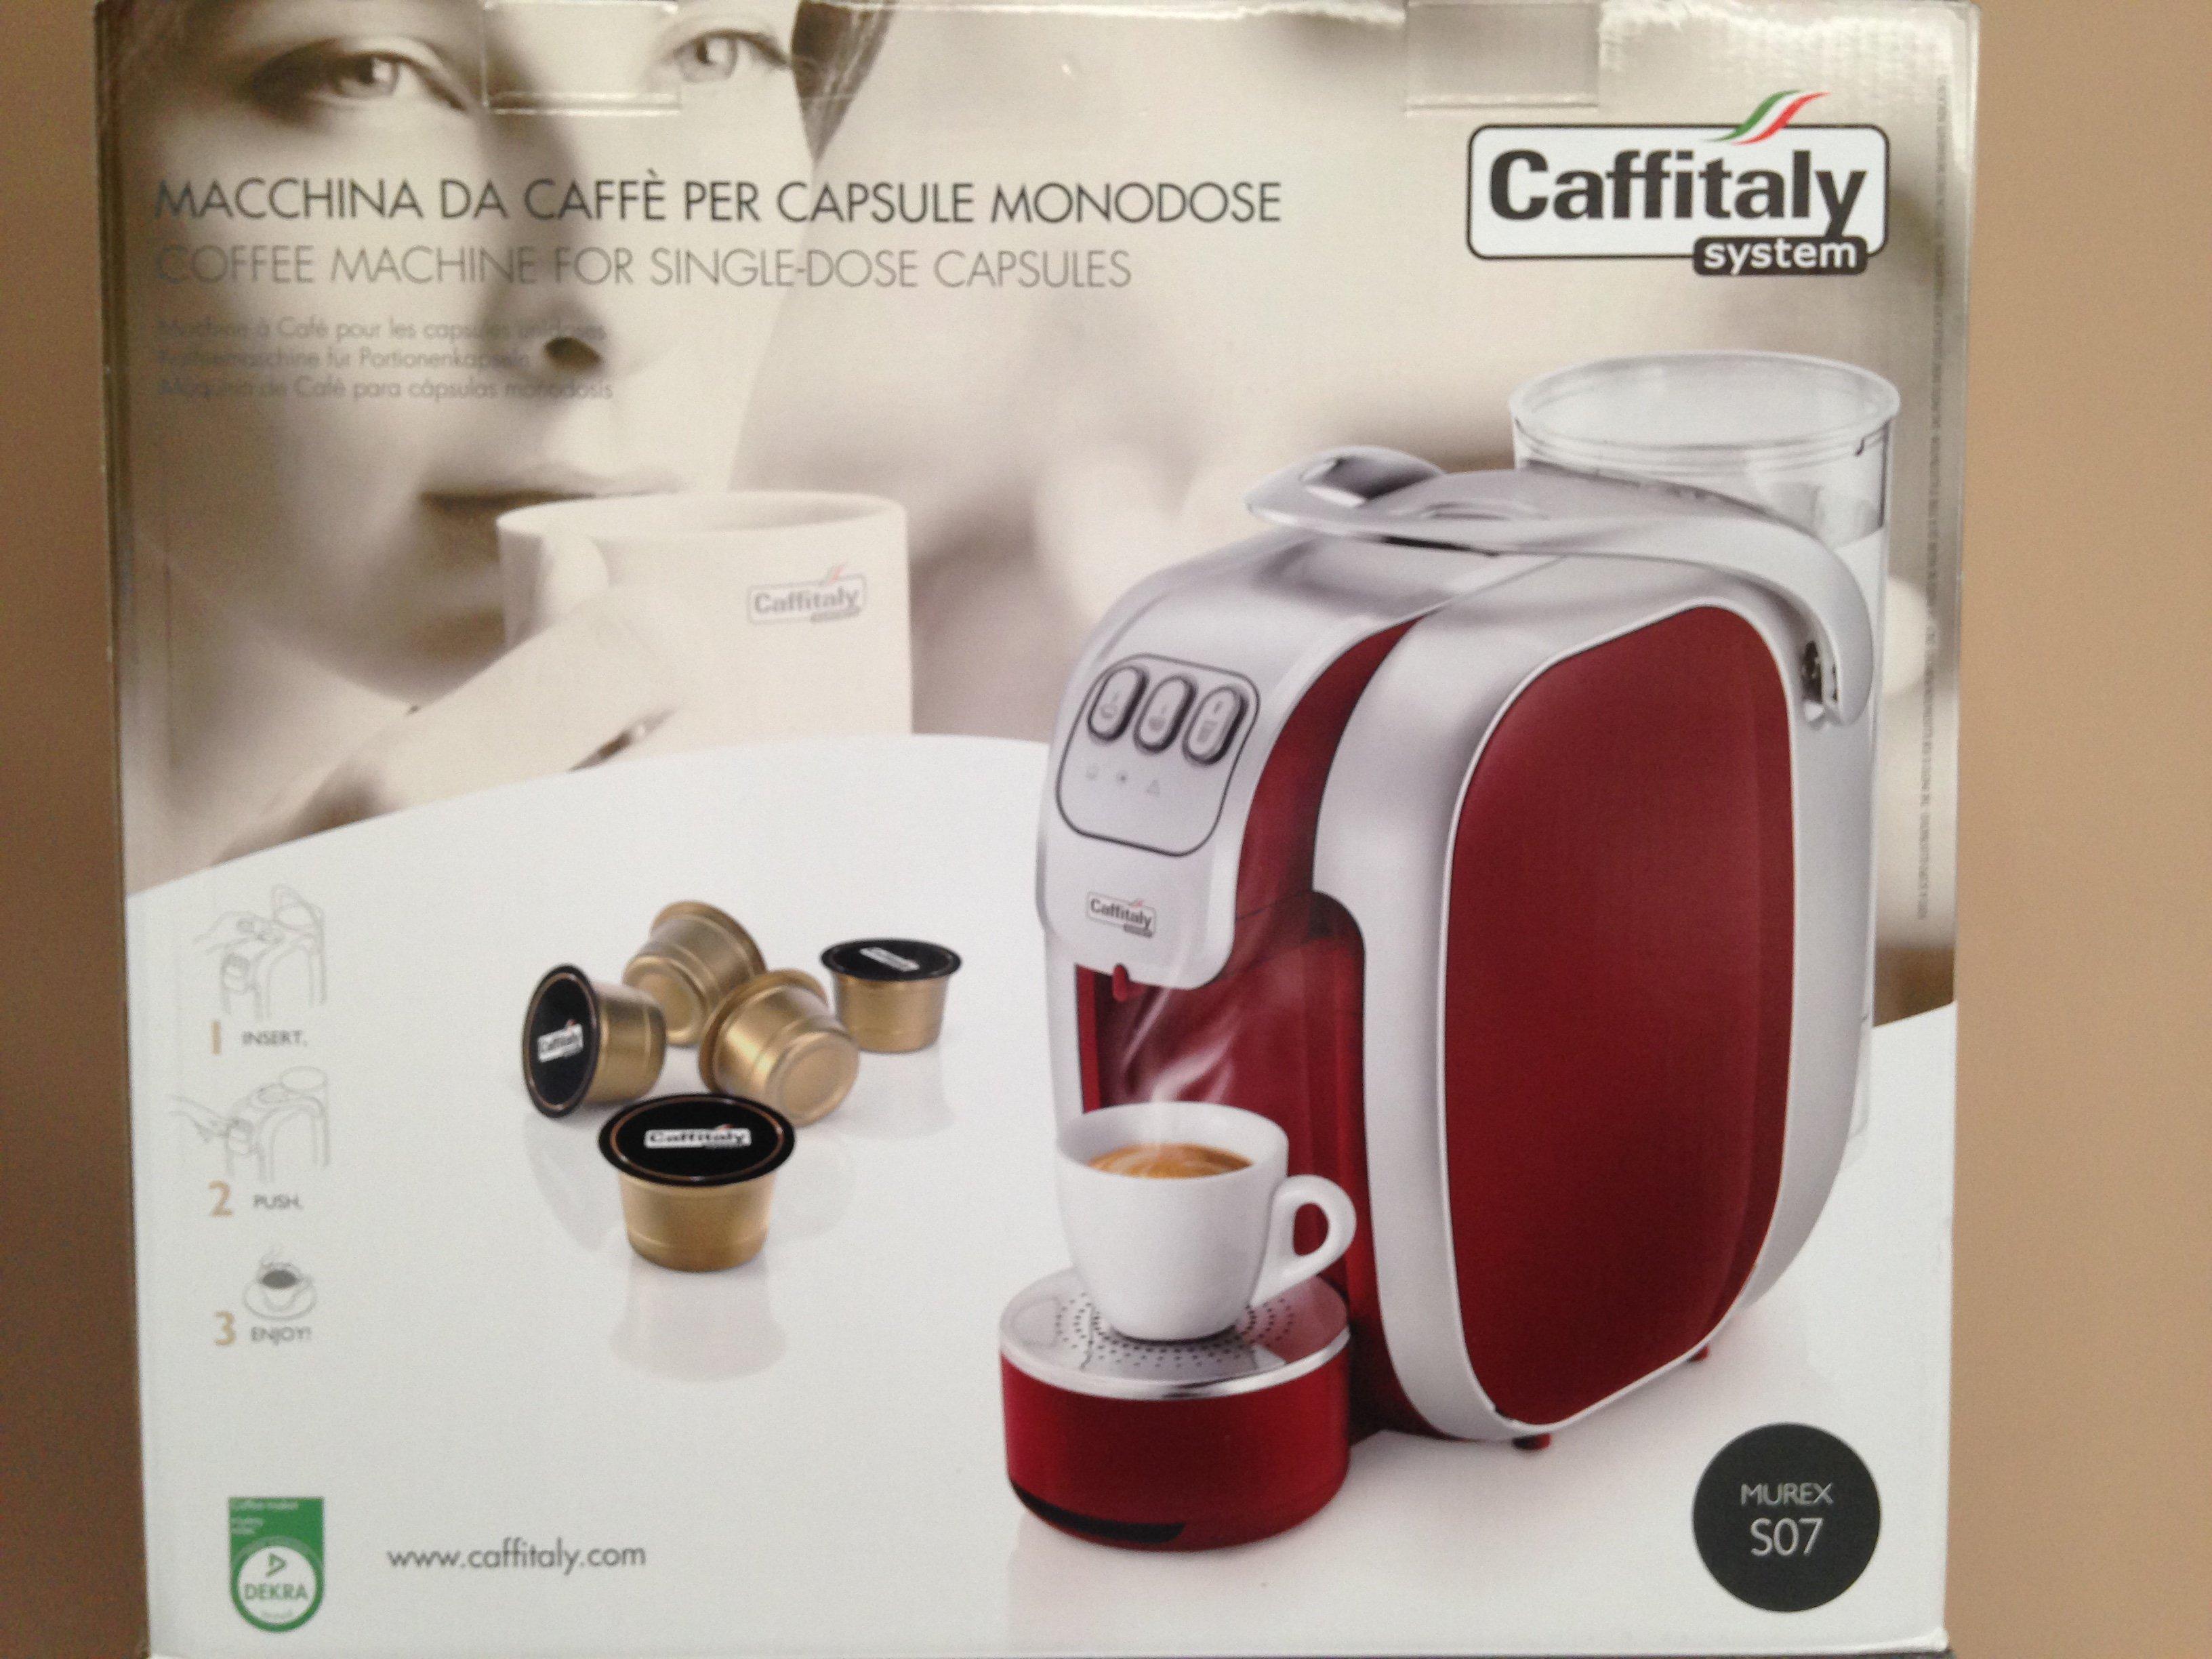 Murex S07 macchina da caffé per capsule monodose